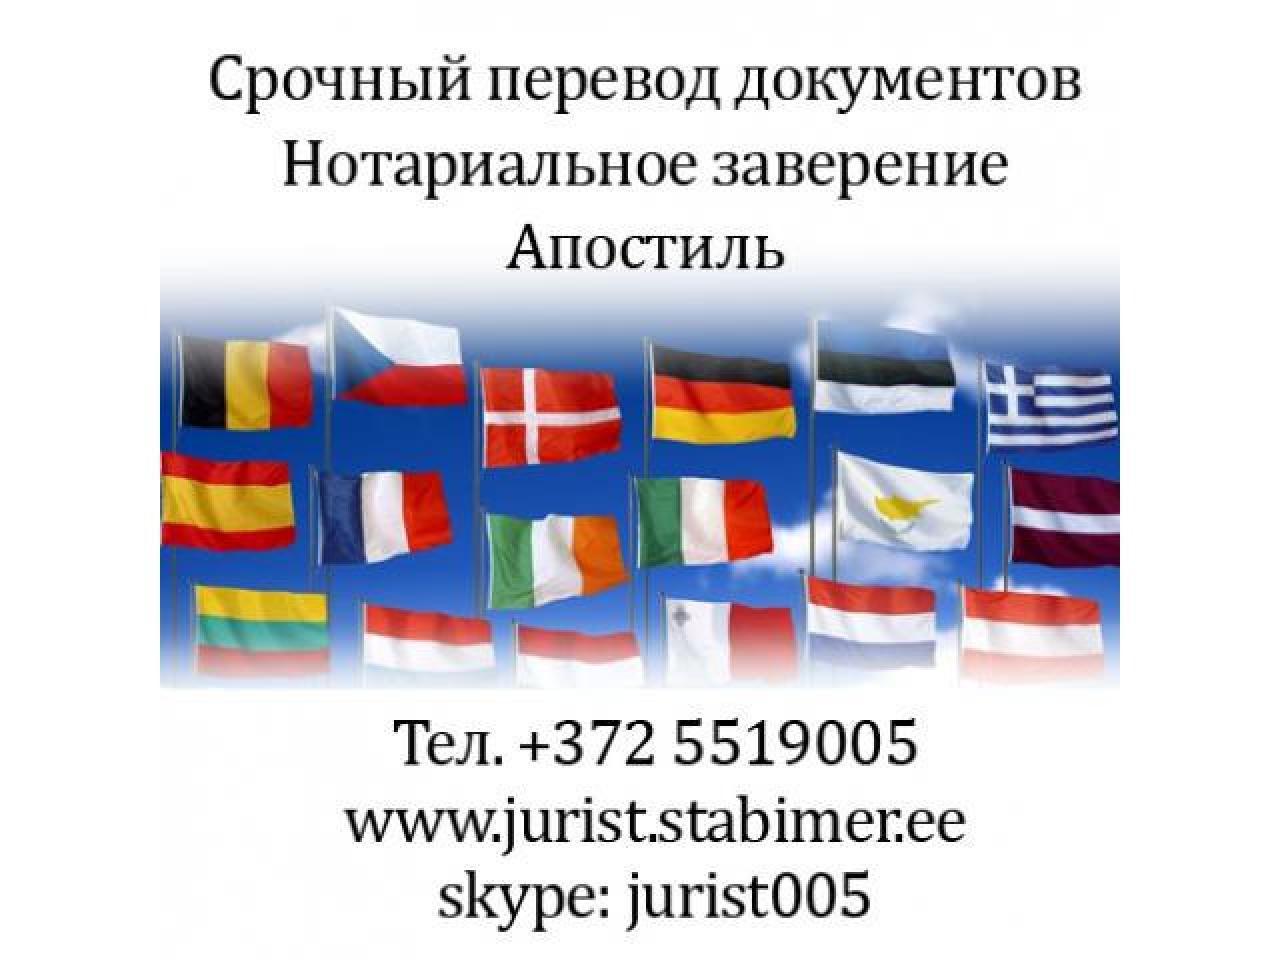 Бухгалтерское обслуживание в Эстонии. Услуги опытного бухгалтера по разумной цене. - 3